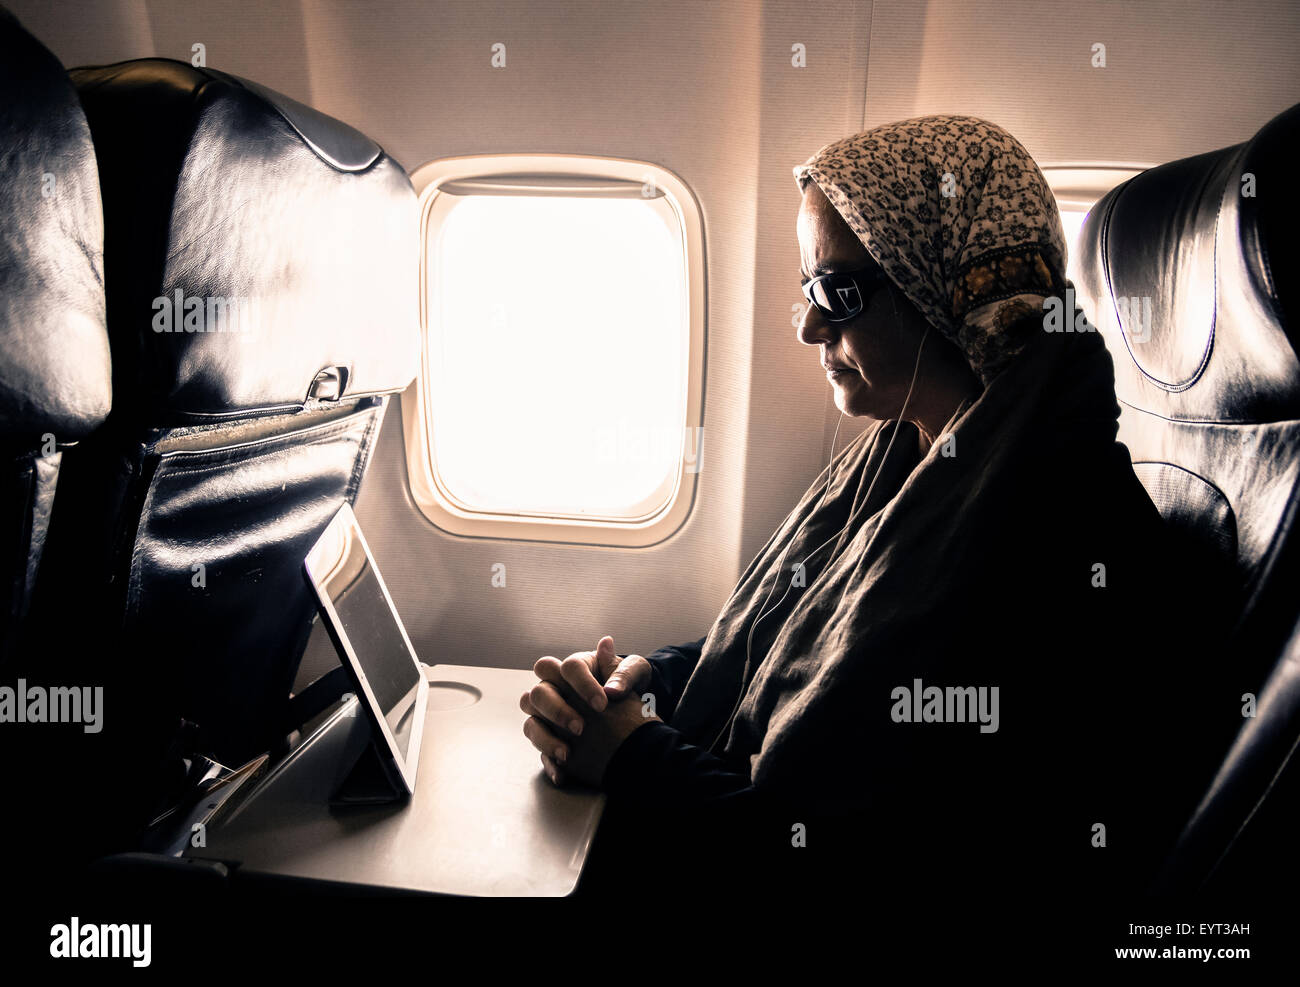 Donna che legge un libro sul dispositivo tablet in aereo posto al finestrino Immagini Stock